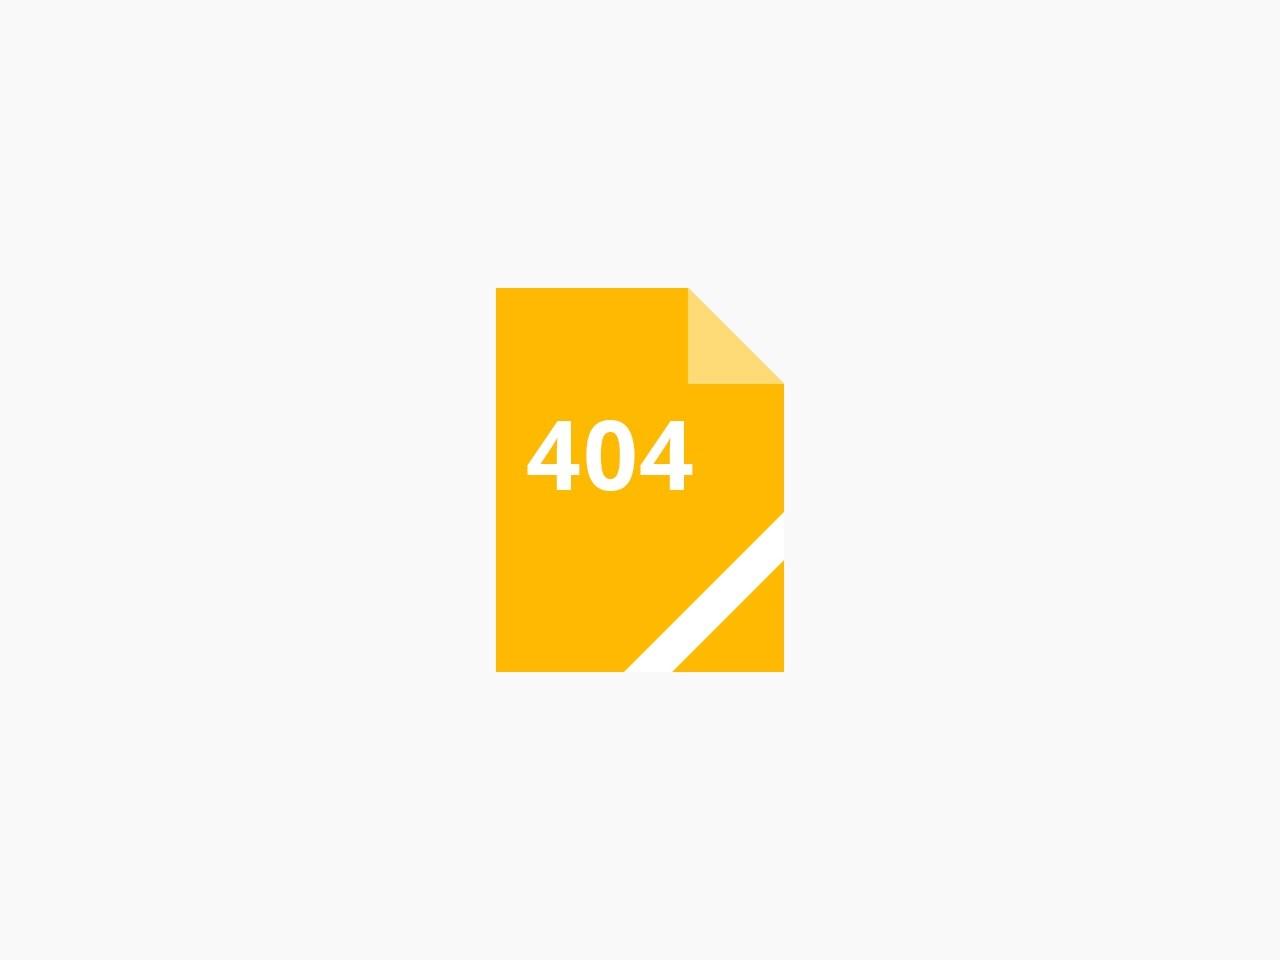 retamarciclosfp.com